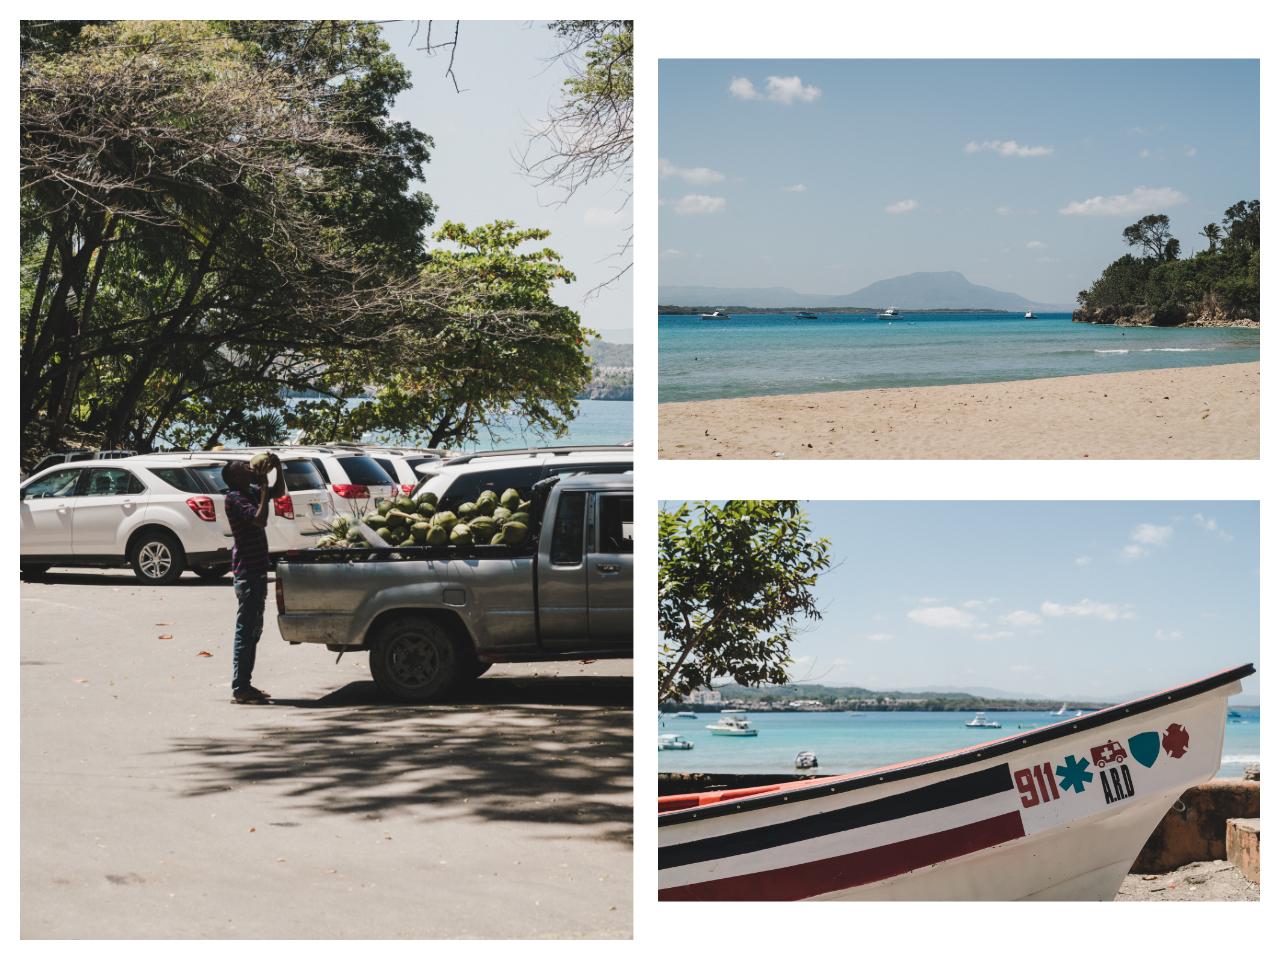 Voyage en République Dominicaine, Playa Sosua